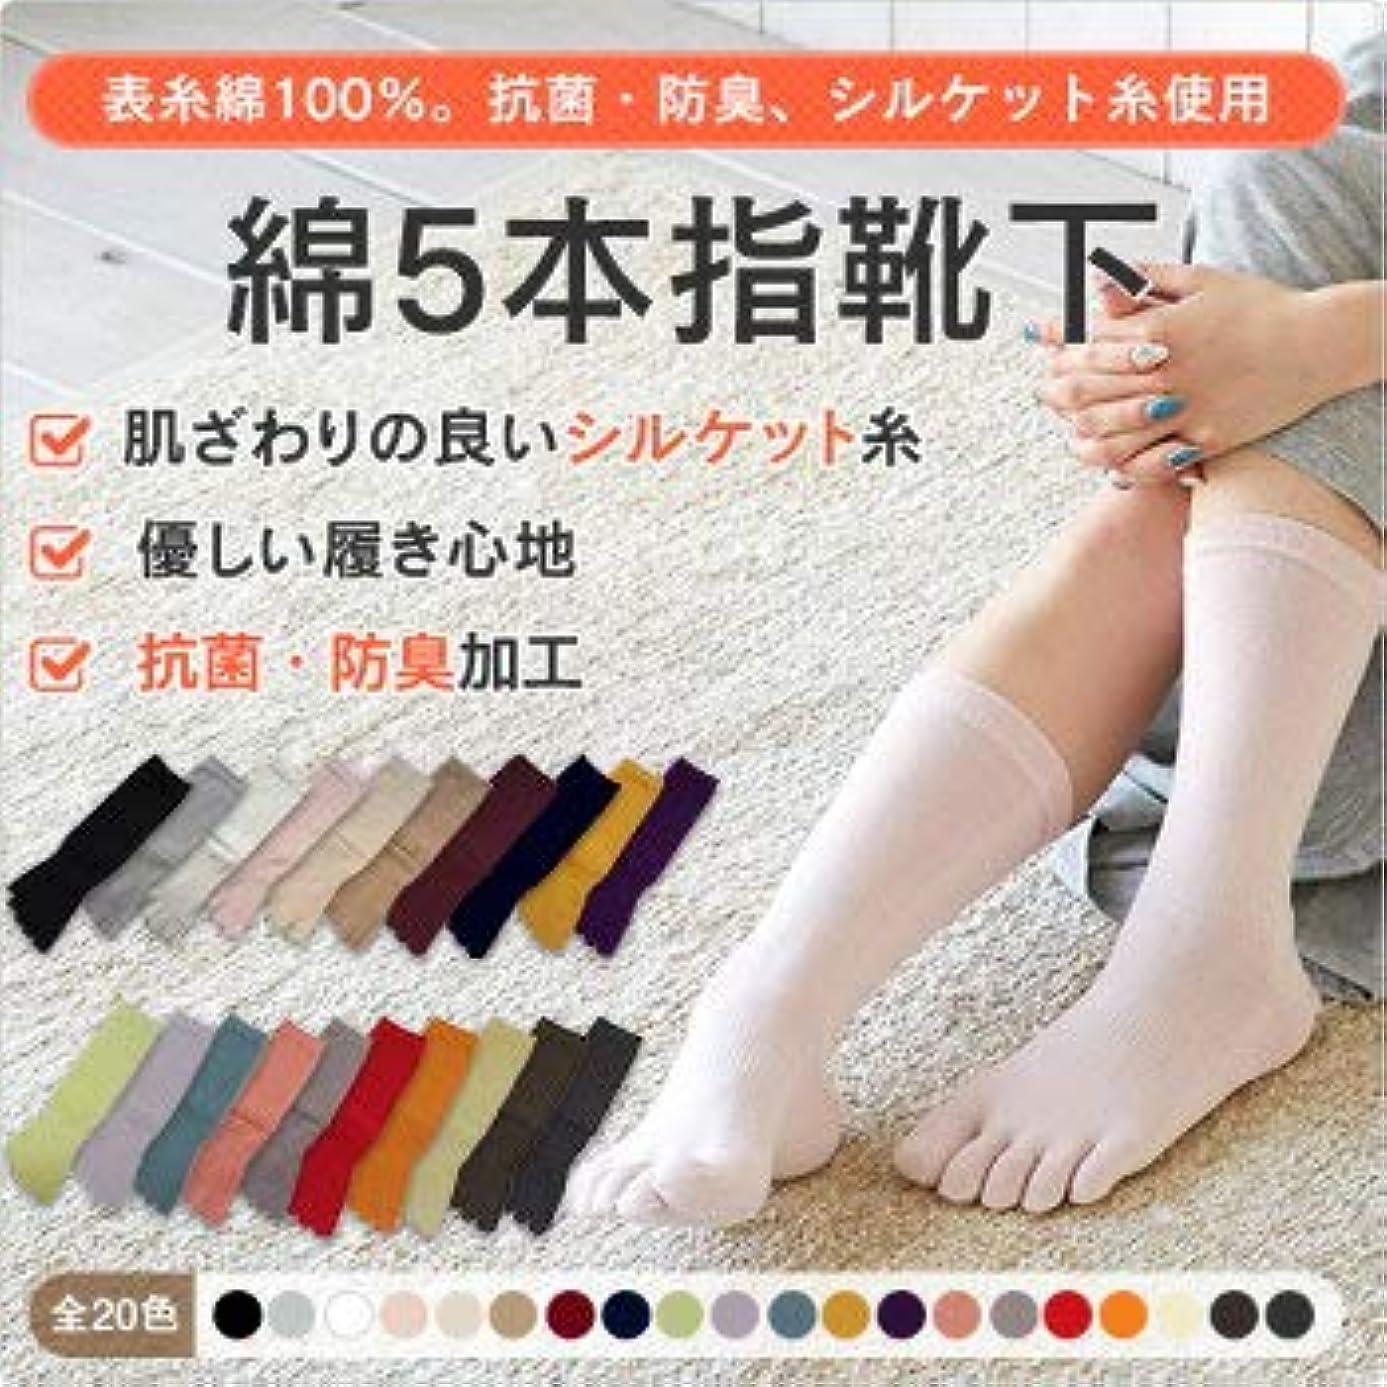 精通したお別れ先のことを考える選べる5色 女性用 5本指 ソックス 抗菌防臭 加工 綿100%糸使用 5色組 老舗 靴下 メーカーのこだわり 23-25cm 太陽ニット 3205P